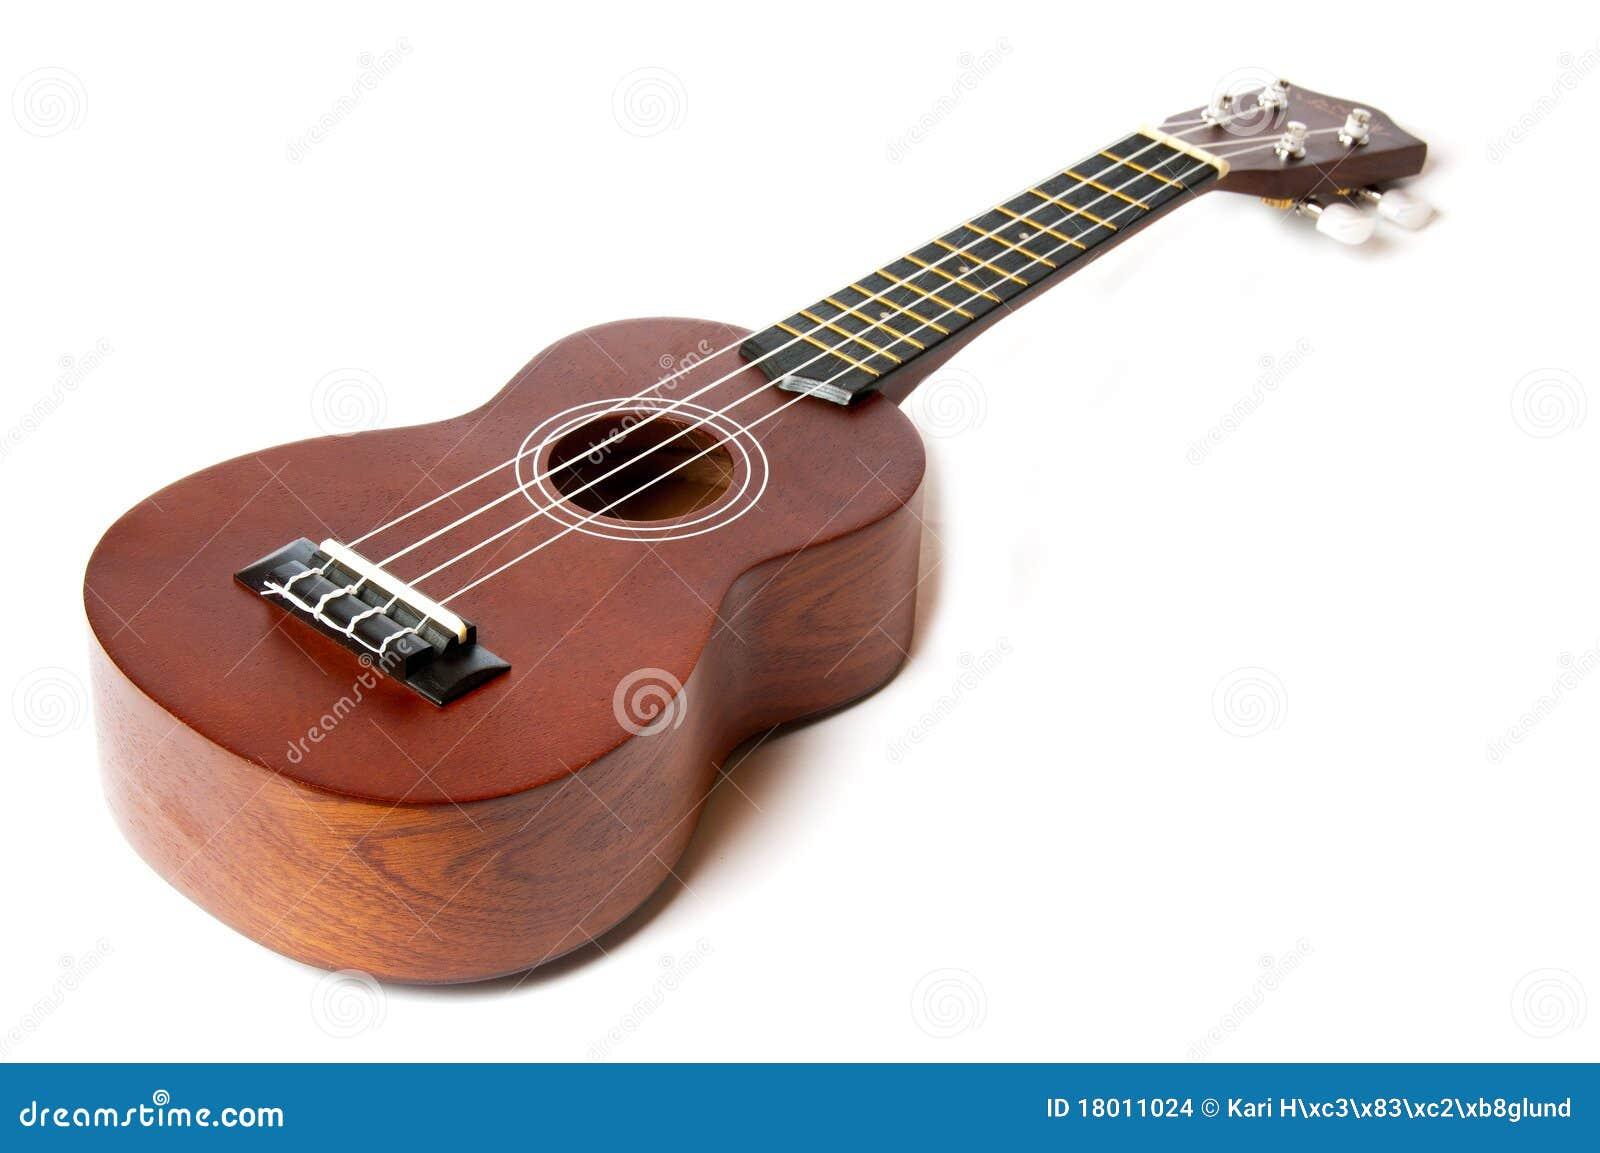 Ukulele Guitar Stock Images - Image: 18011024